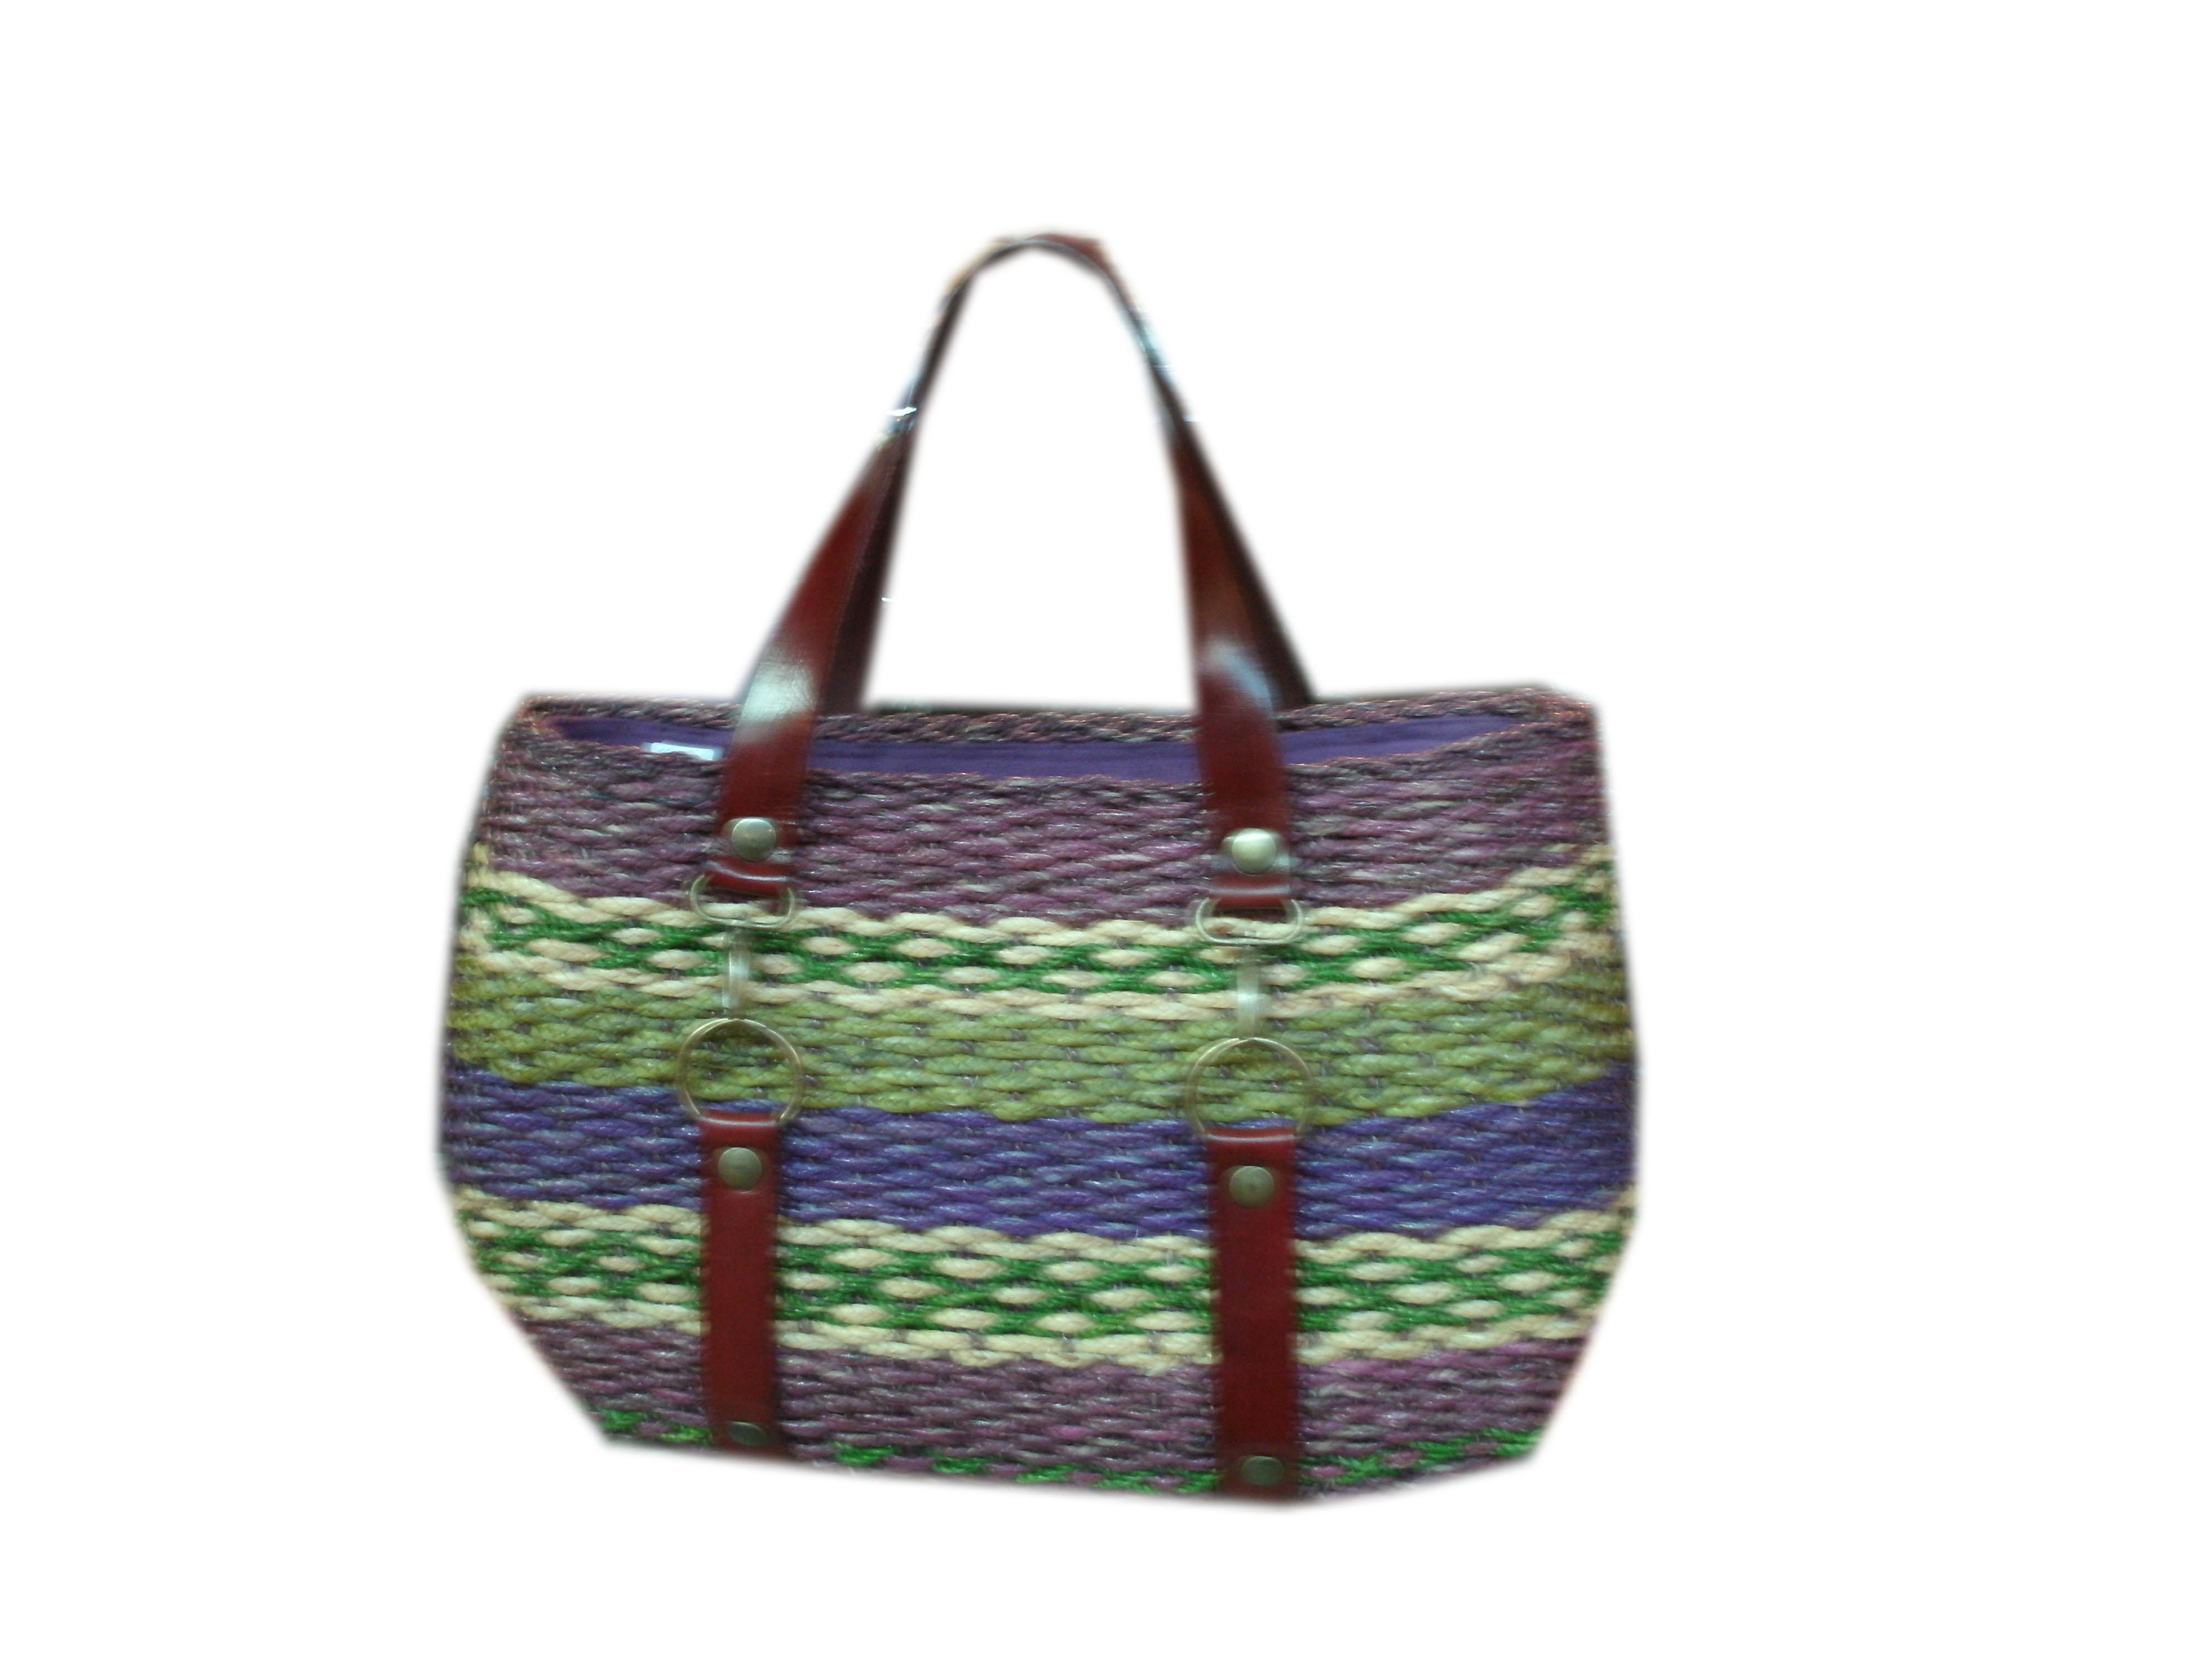 Hyacinth Bag-PPS Bag brand 21